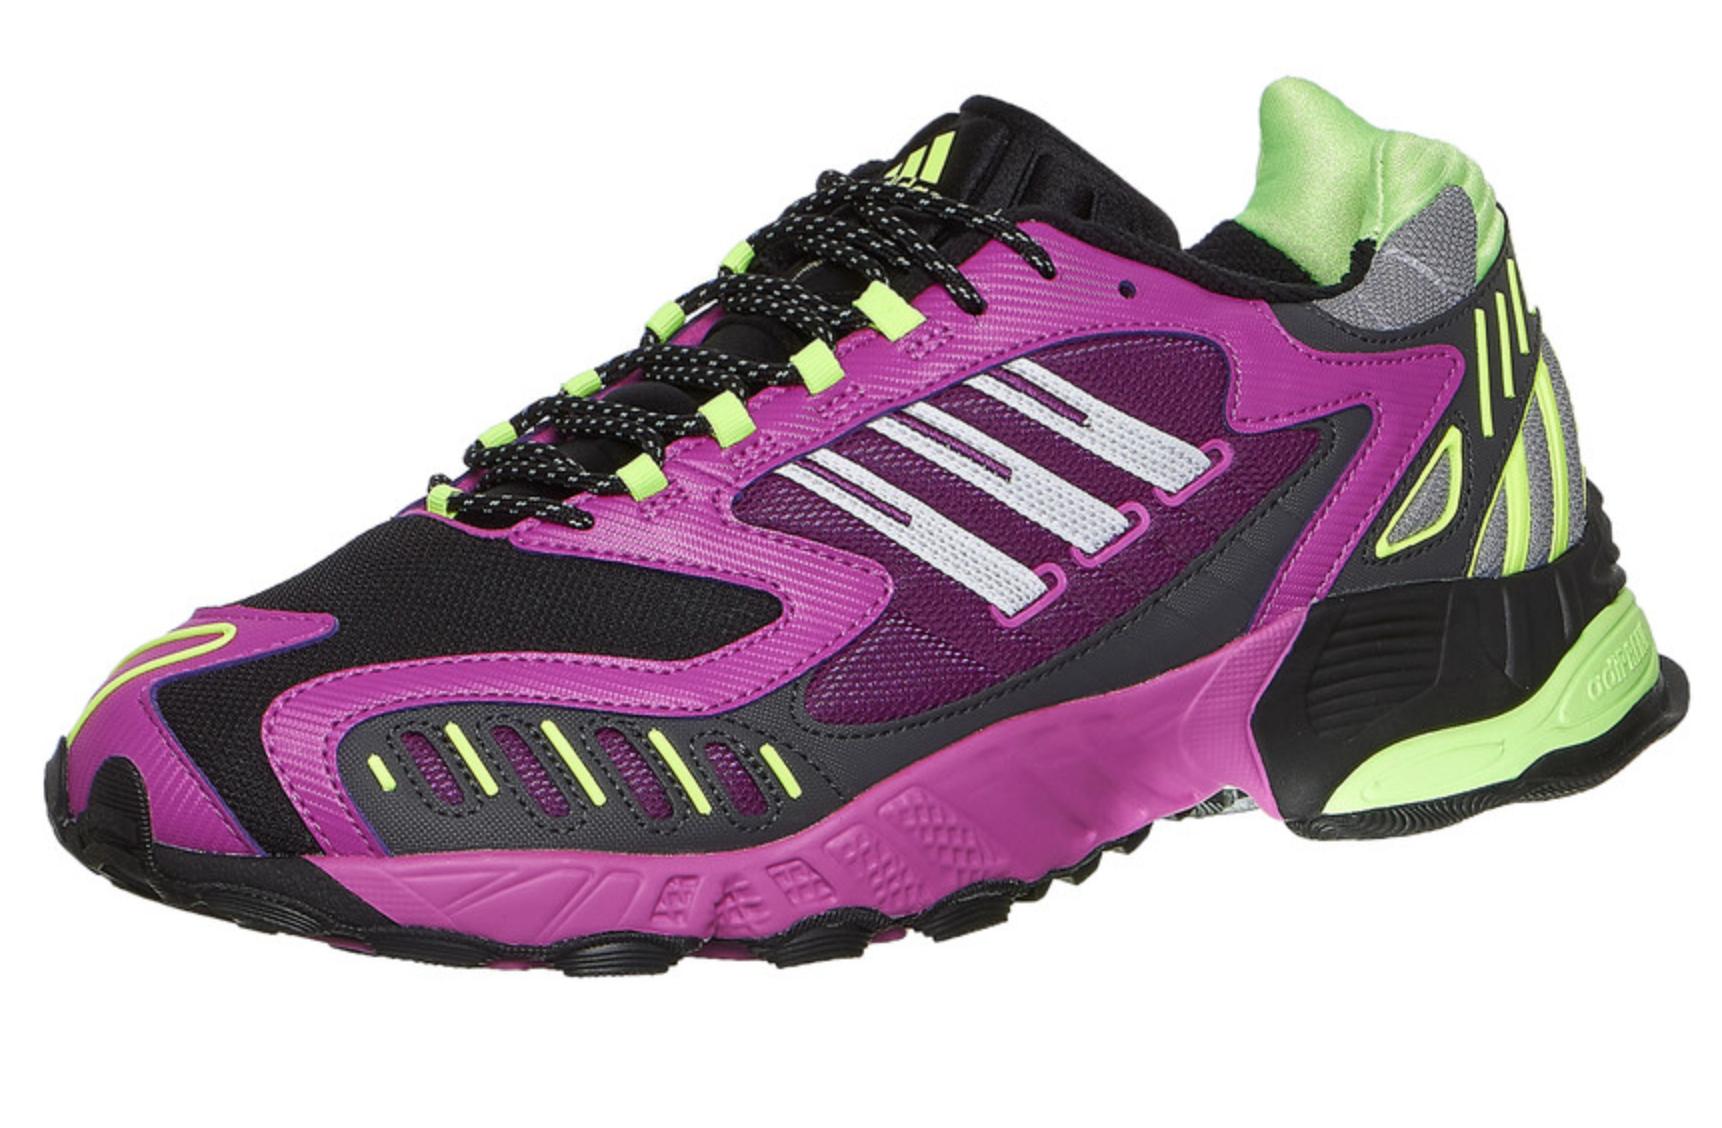 (HHV) adidas Torsion TRDC (Black/White/Vivid Pink) für Herren, Größe 37 bis 47